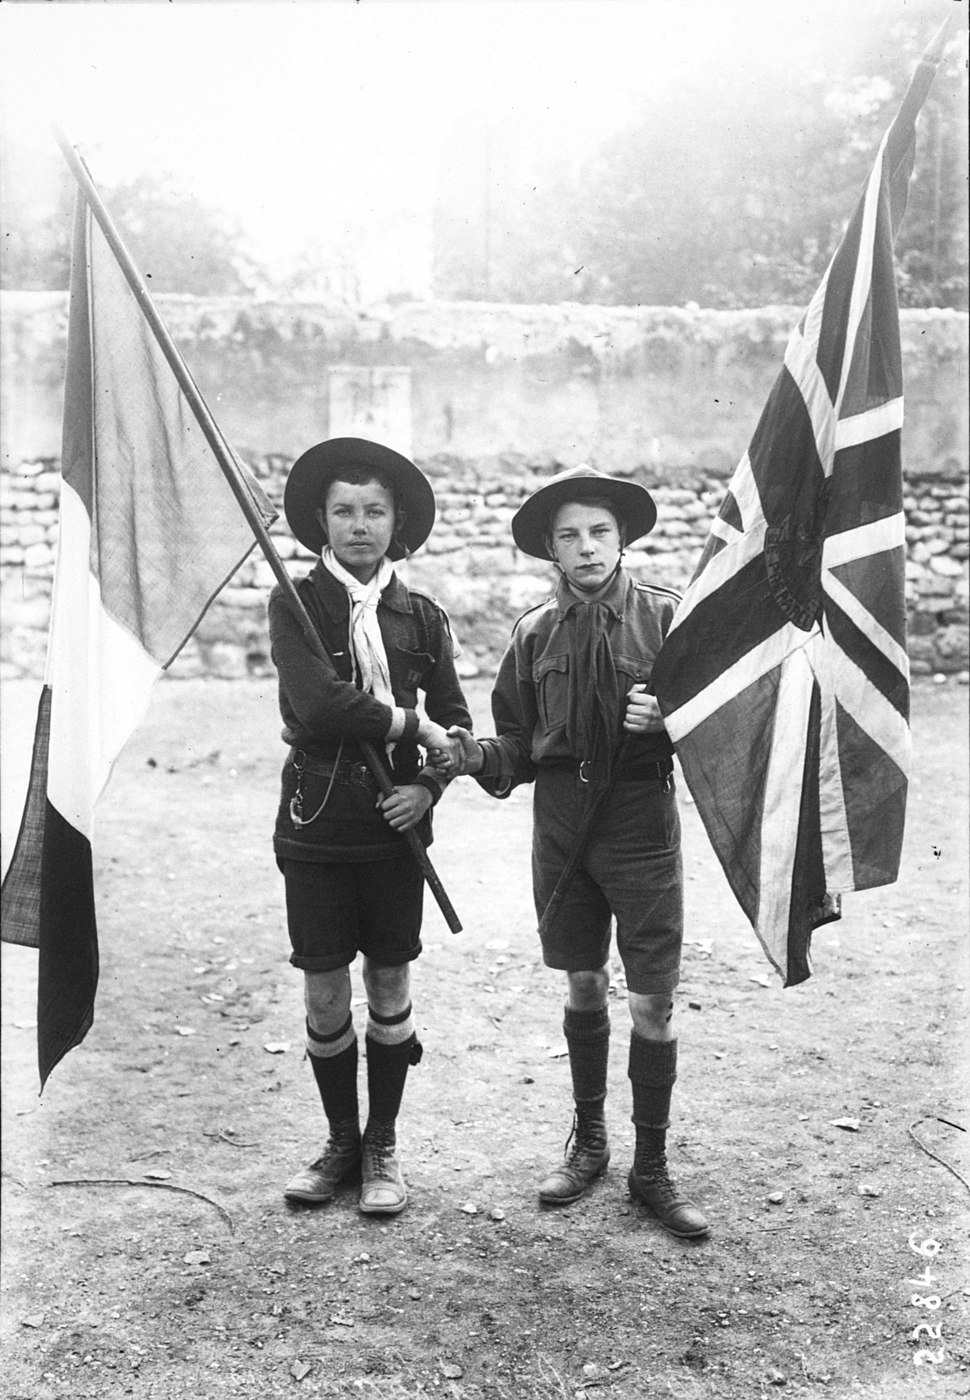 Scouts-entente-cordiale